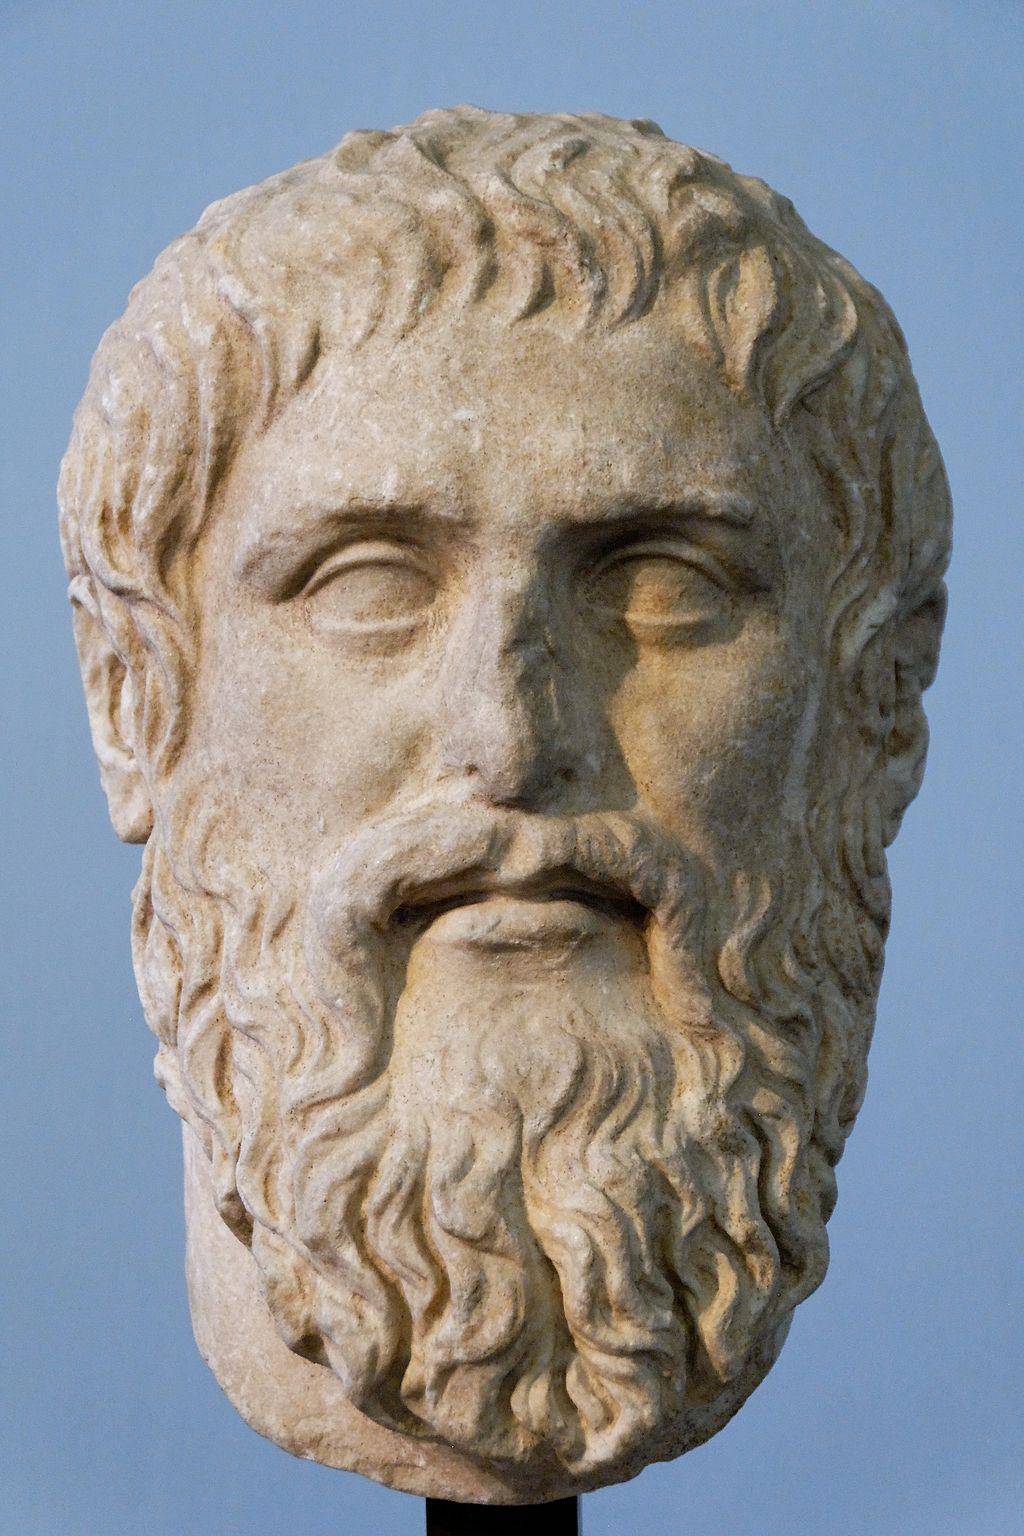 1024Px  Plato  Silanion  Musei  Capitolini  Mc1377